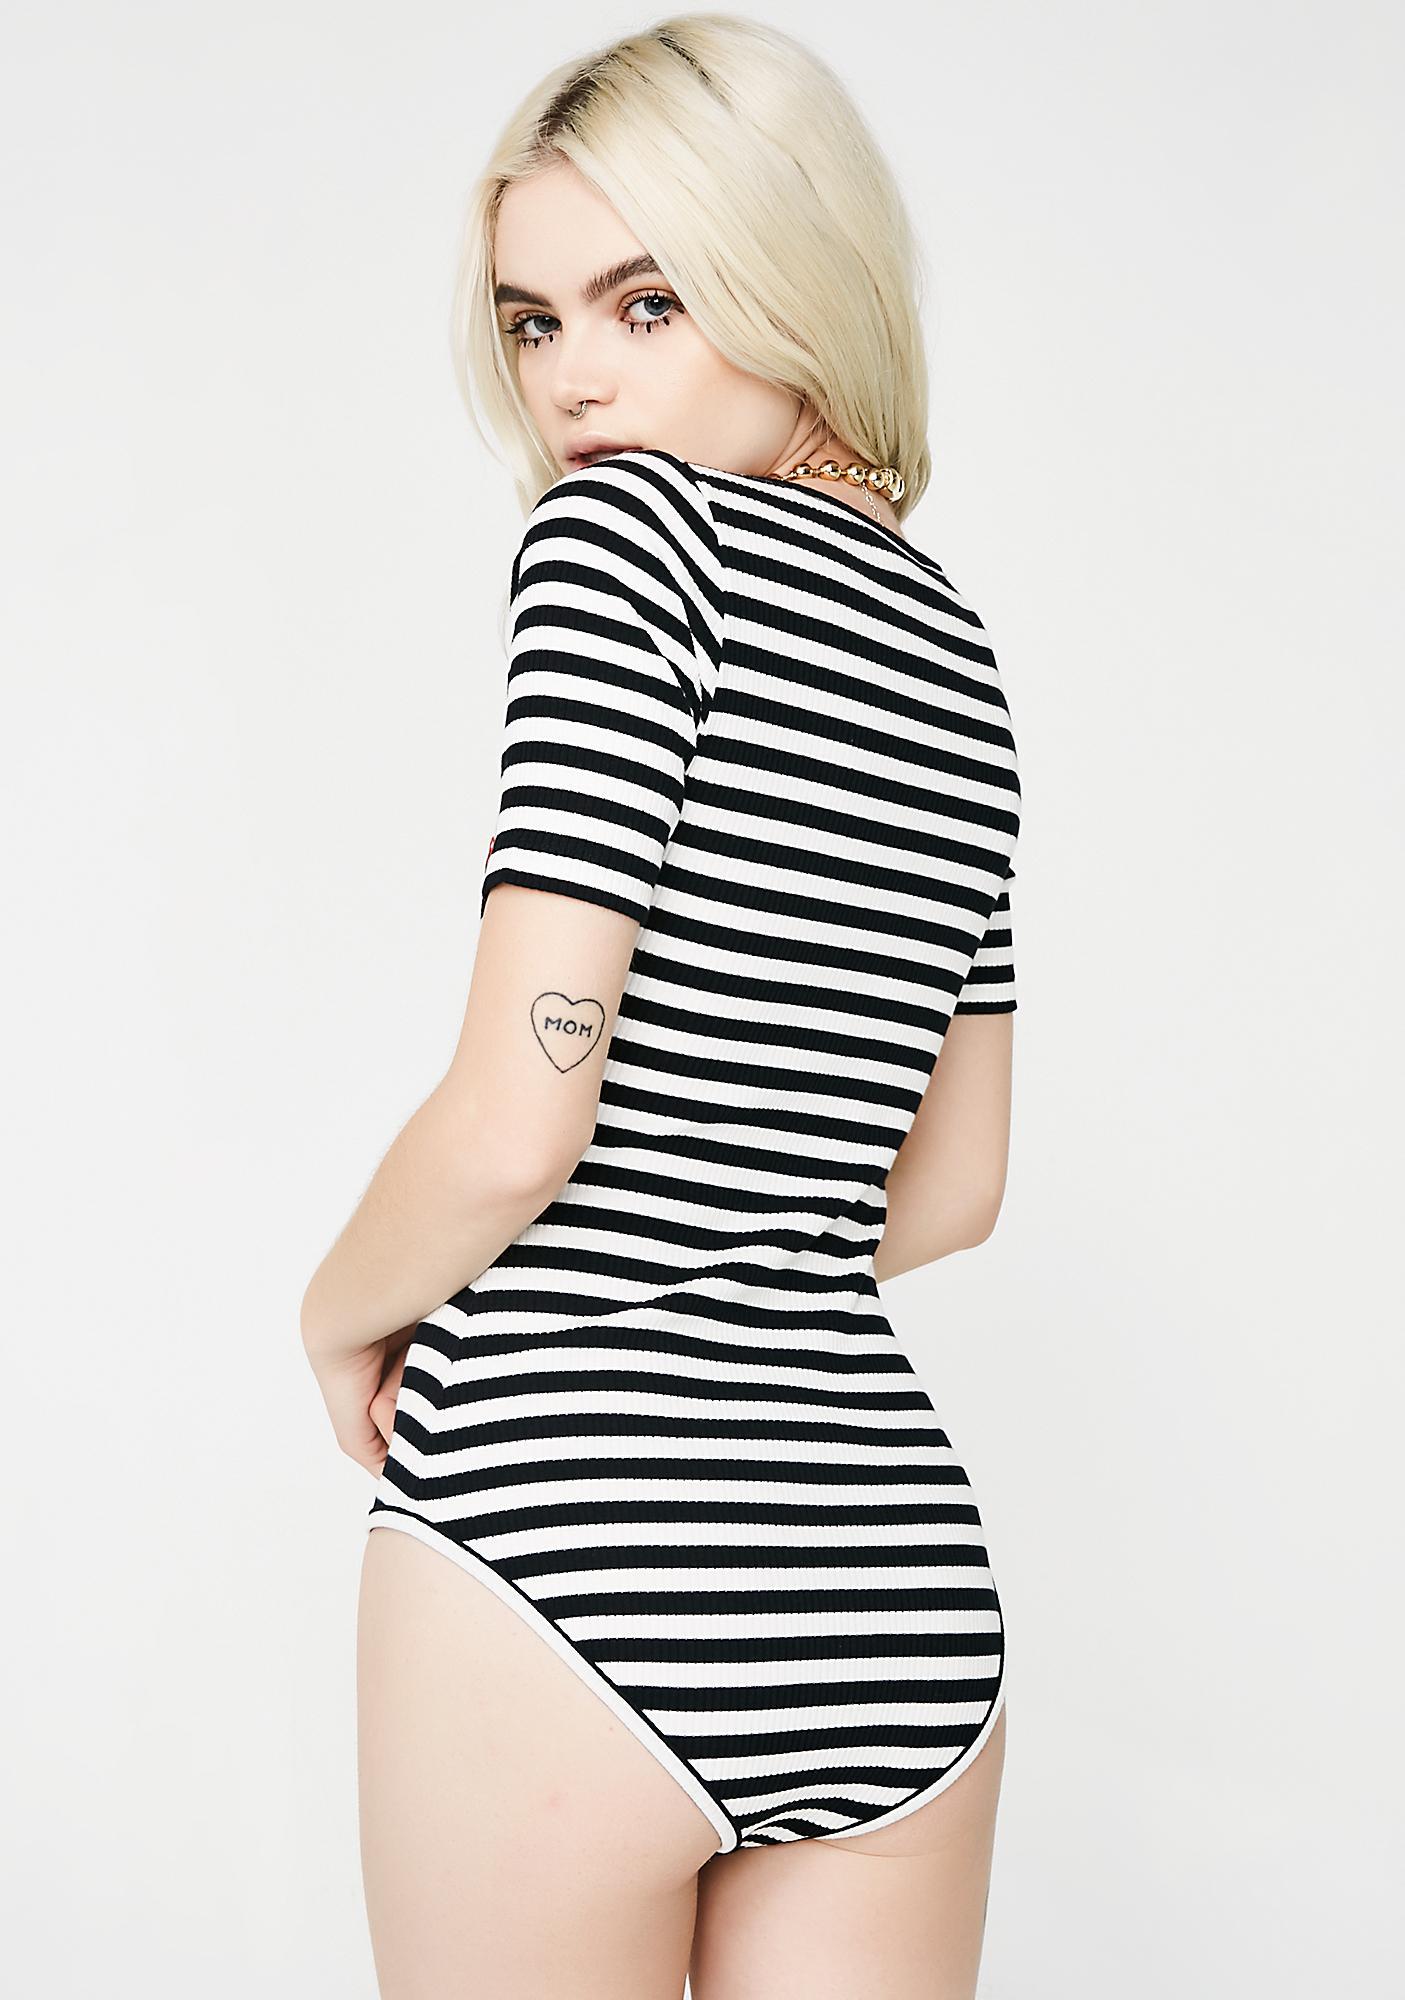 Lazy Oaf Betty Boop Bodysuit